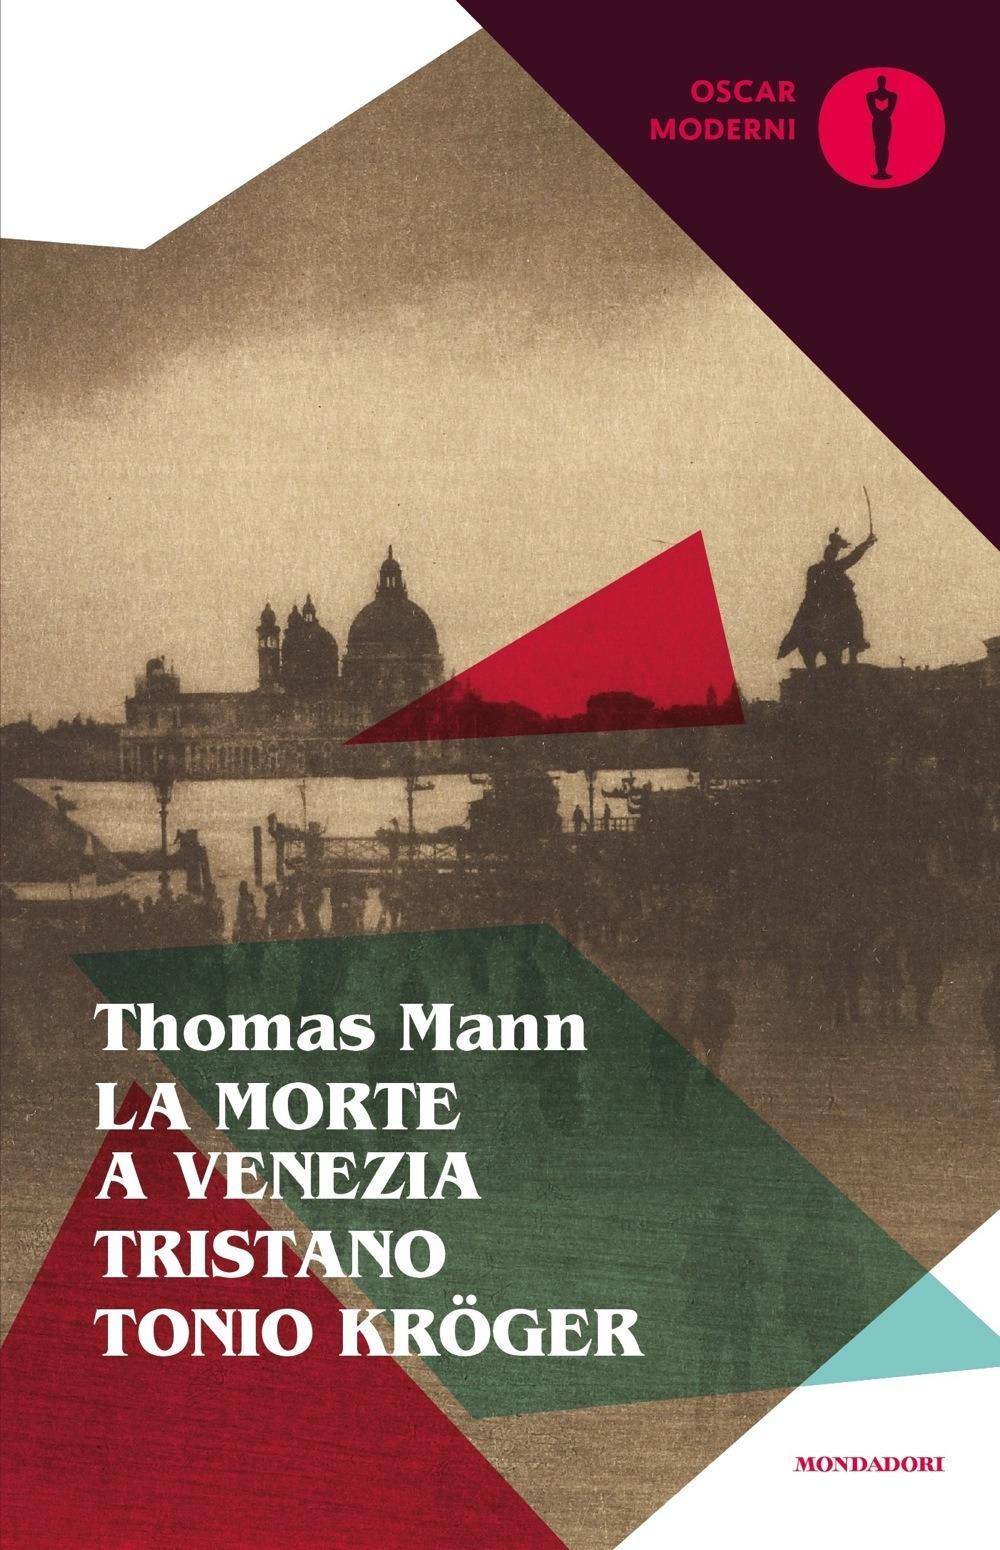 La morte a Venezia-Tristano-Tonio Kröger